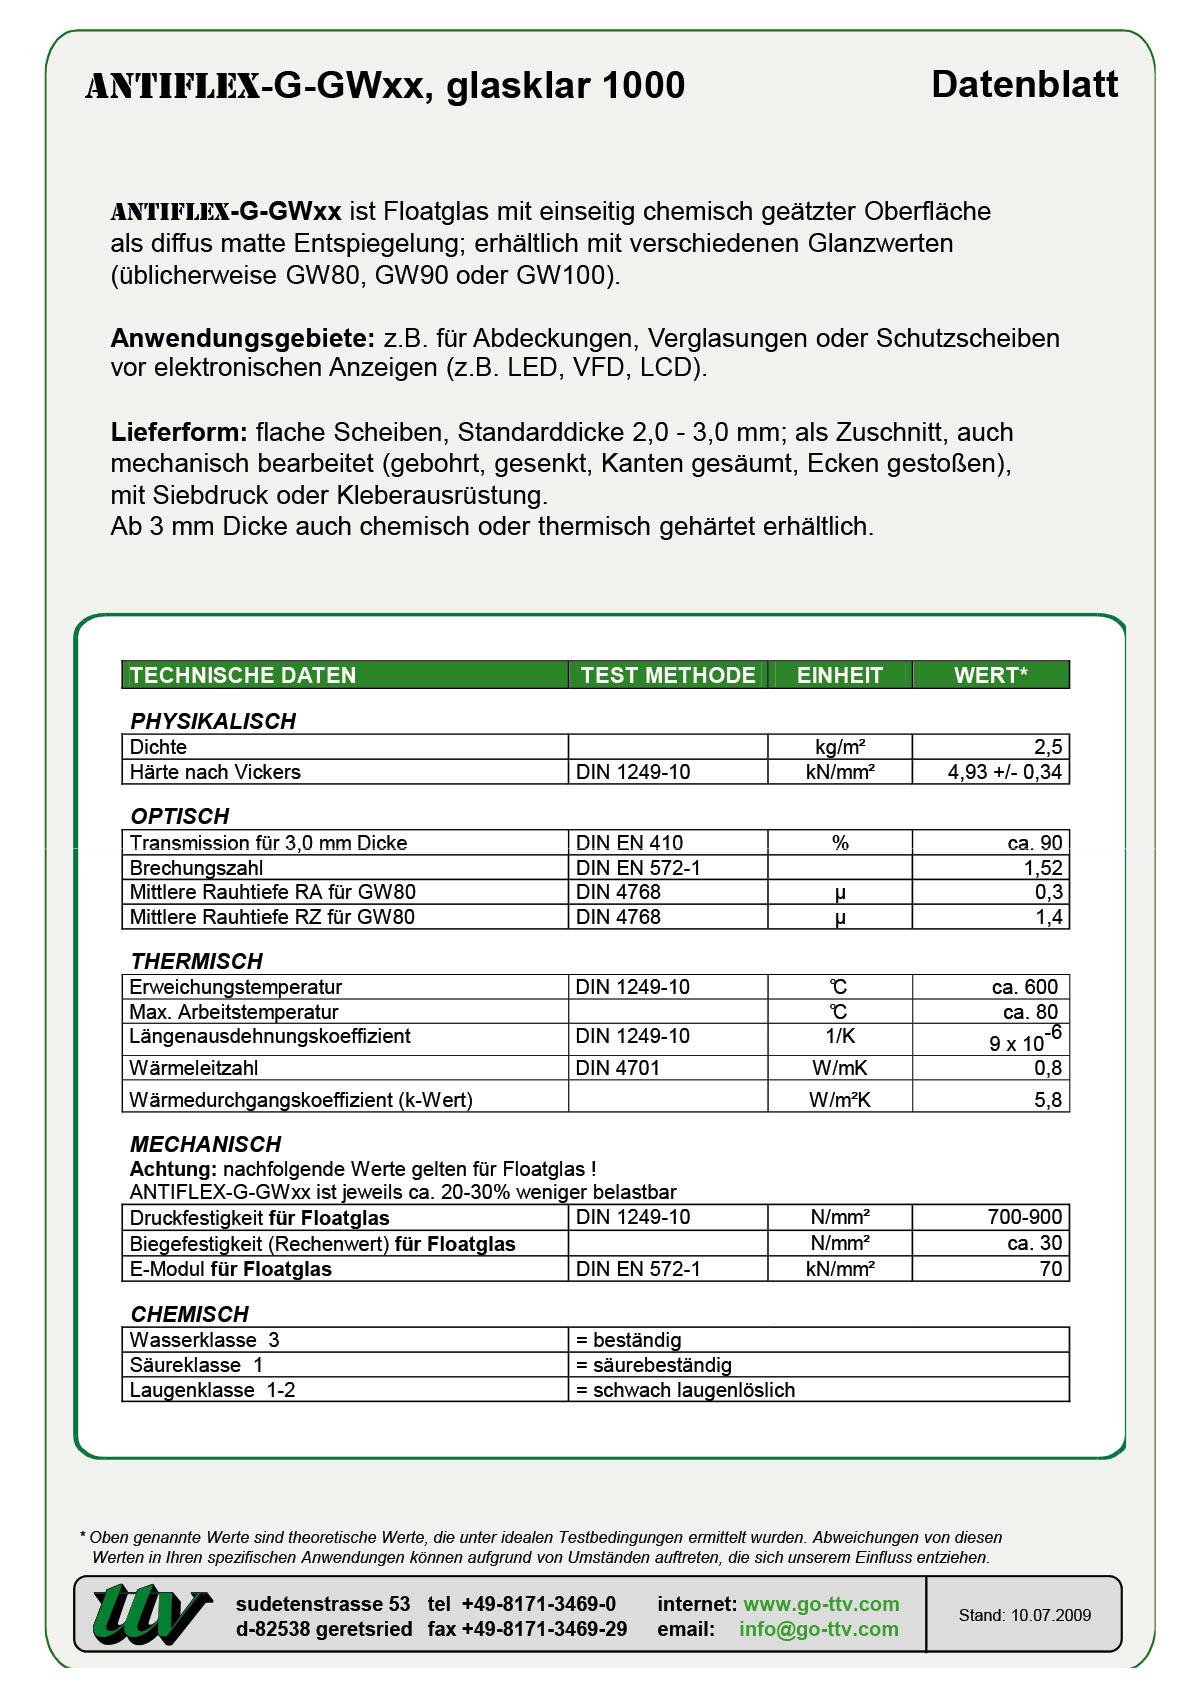 ANTIFLEX-G-GWxx Datenblatt